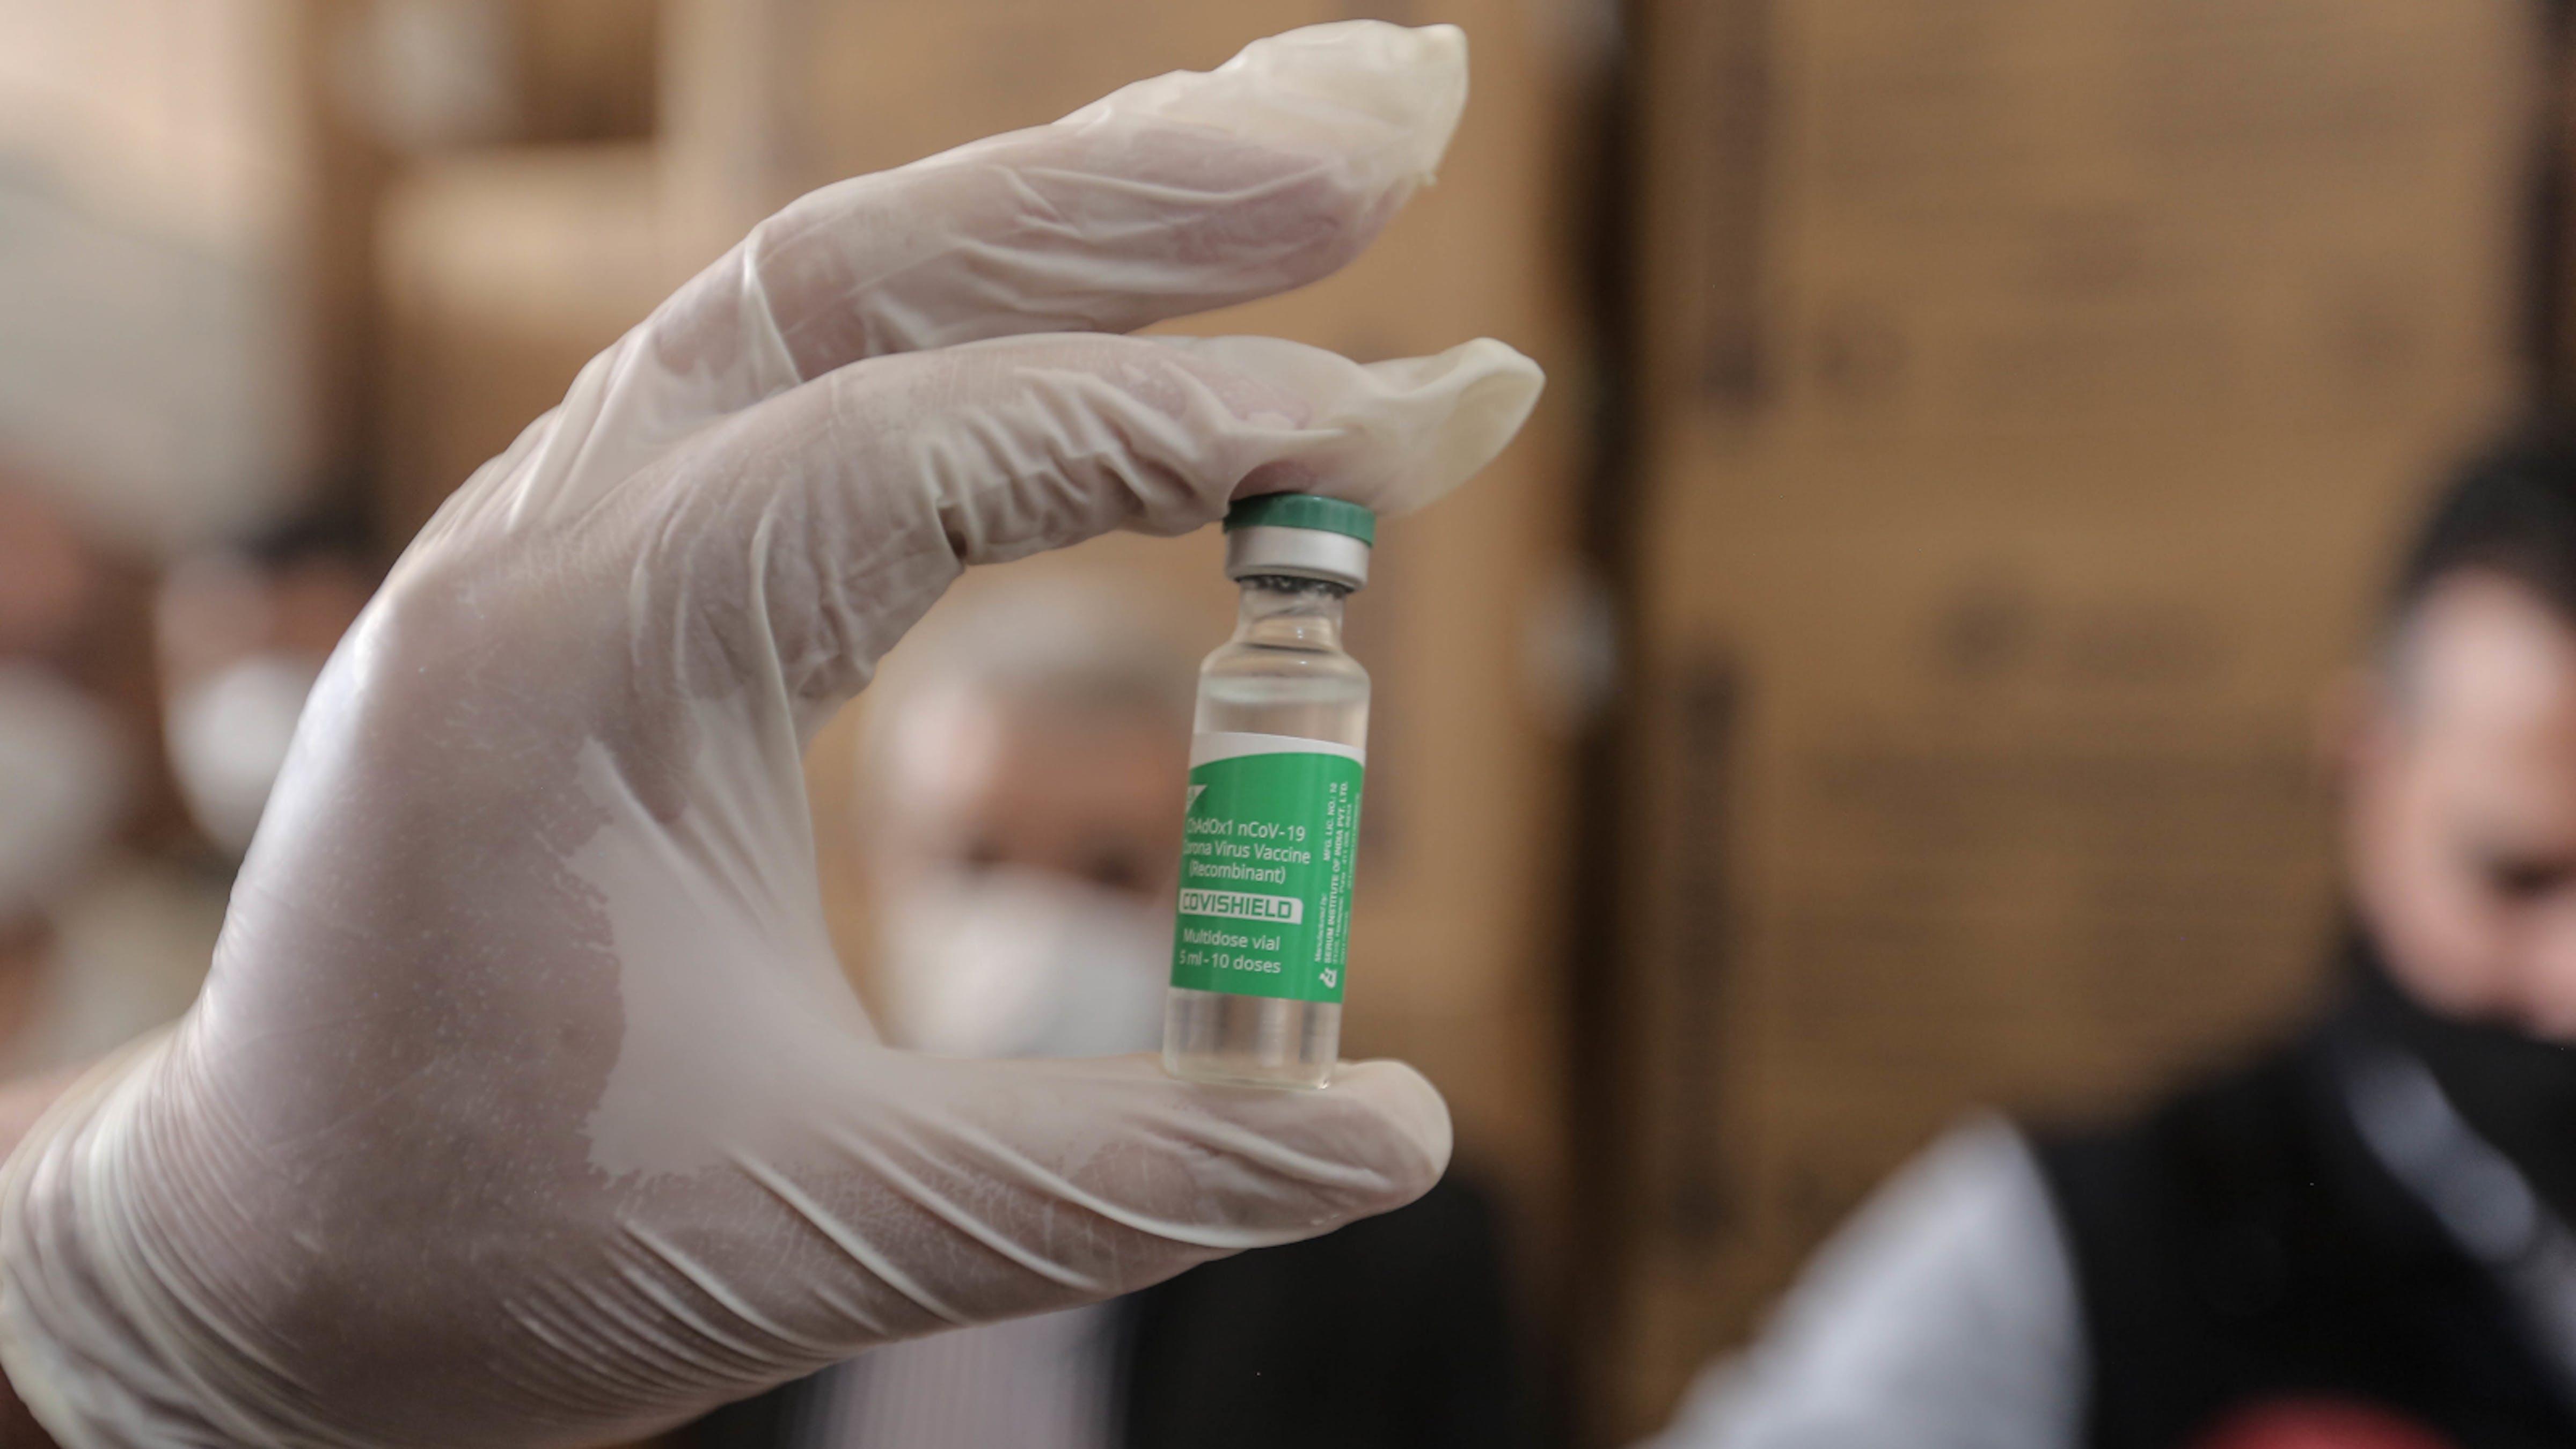 Siria, un membro dello staff mostra una fiala di vaccino anti COVID-19, parte della prima spedizione di vaccini distribuita dalla COVAX Facility